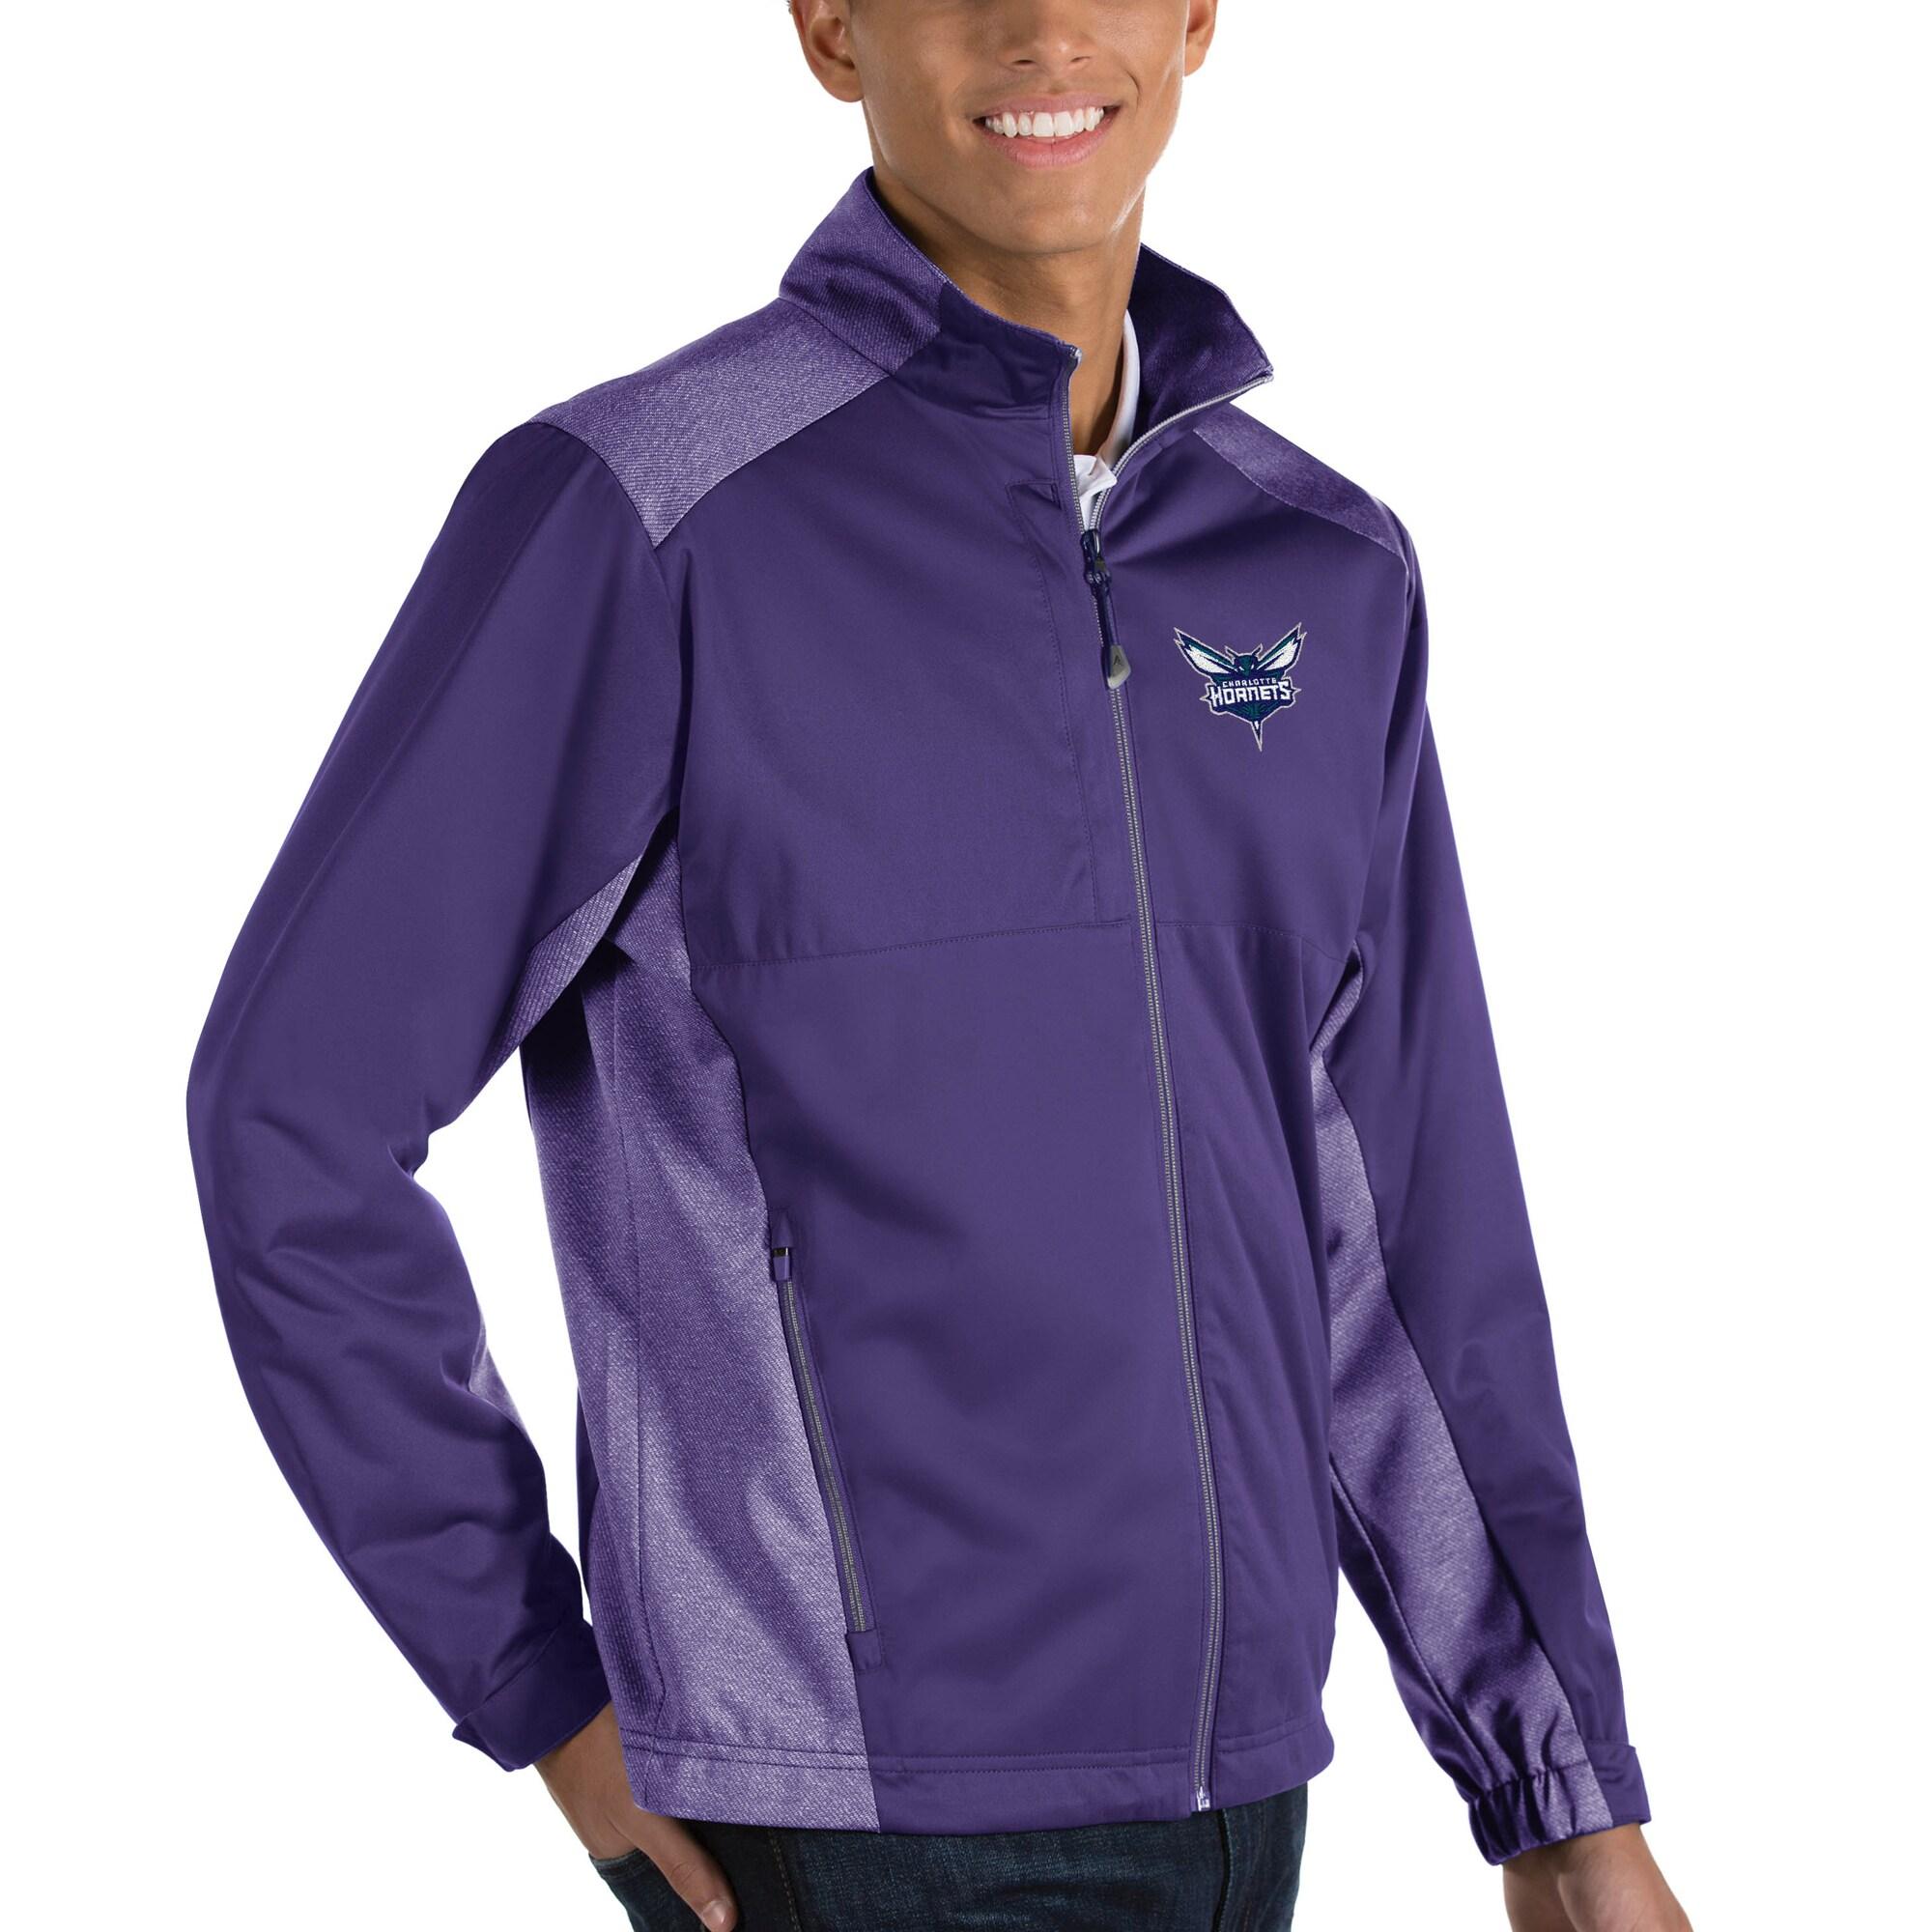 Charlotte Hornets Antigua Revolve Full-Zip Jacket - Purple